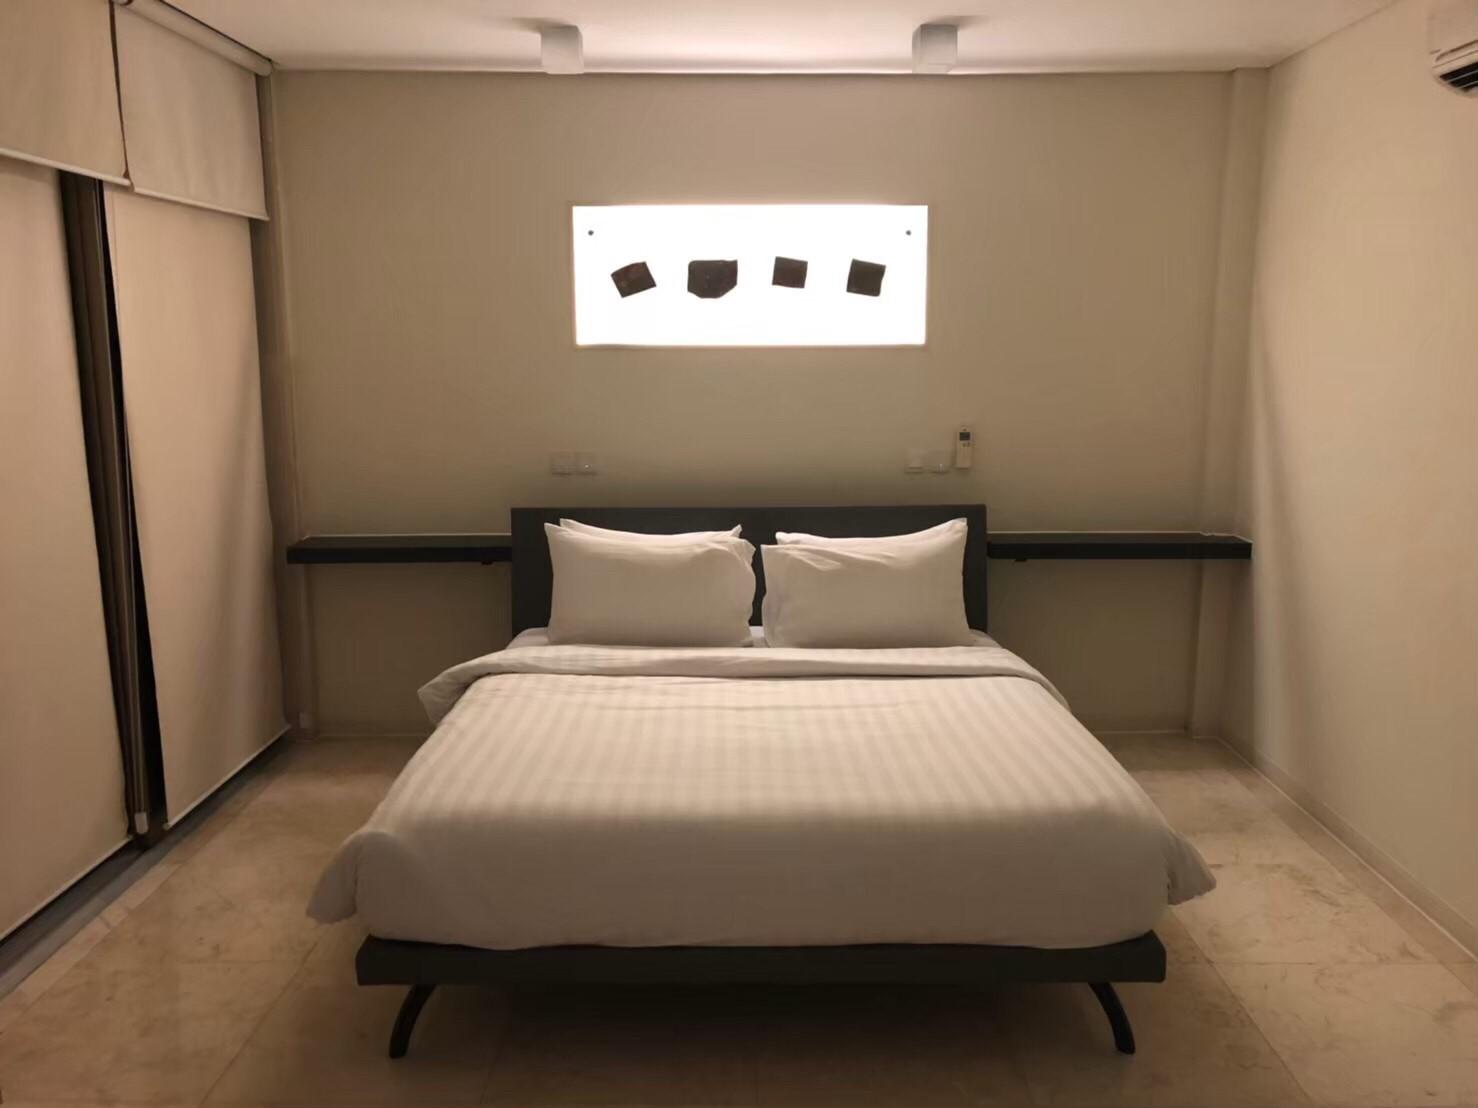 フラマエクスクルーシブホテル 寝室